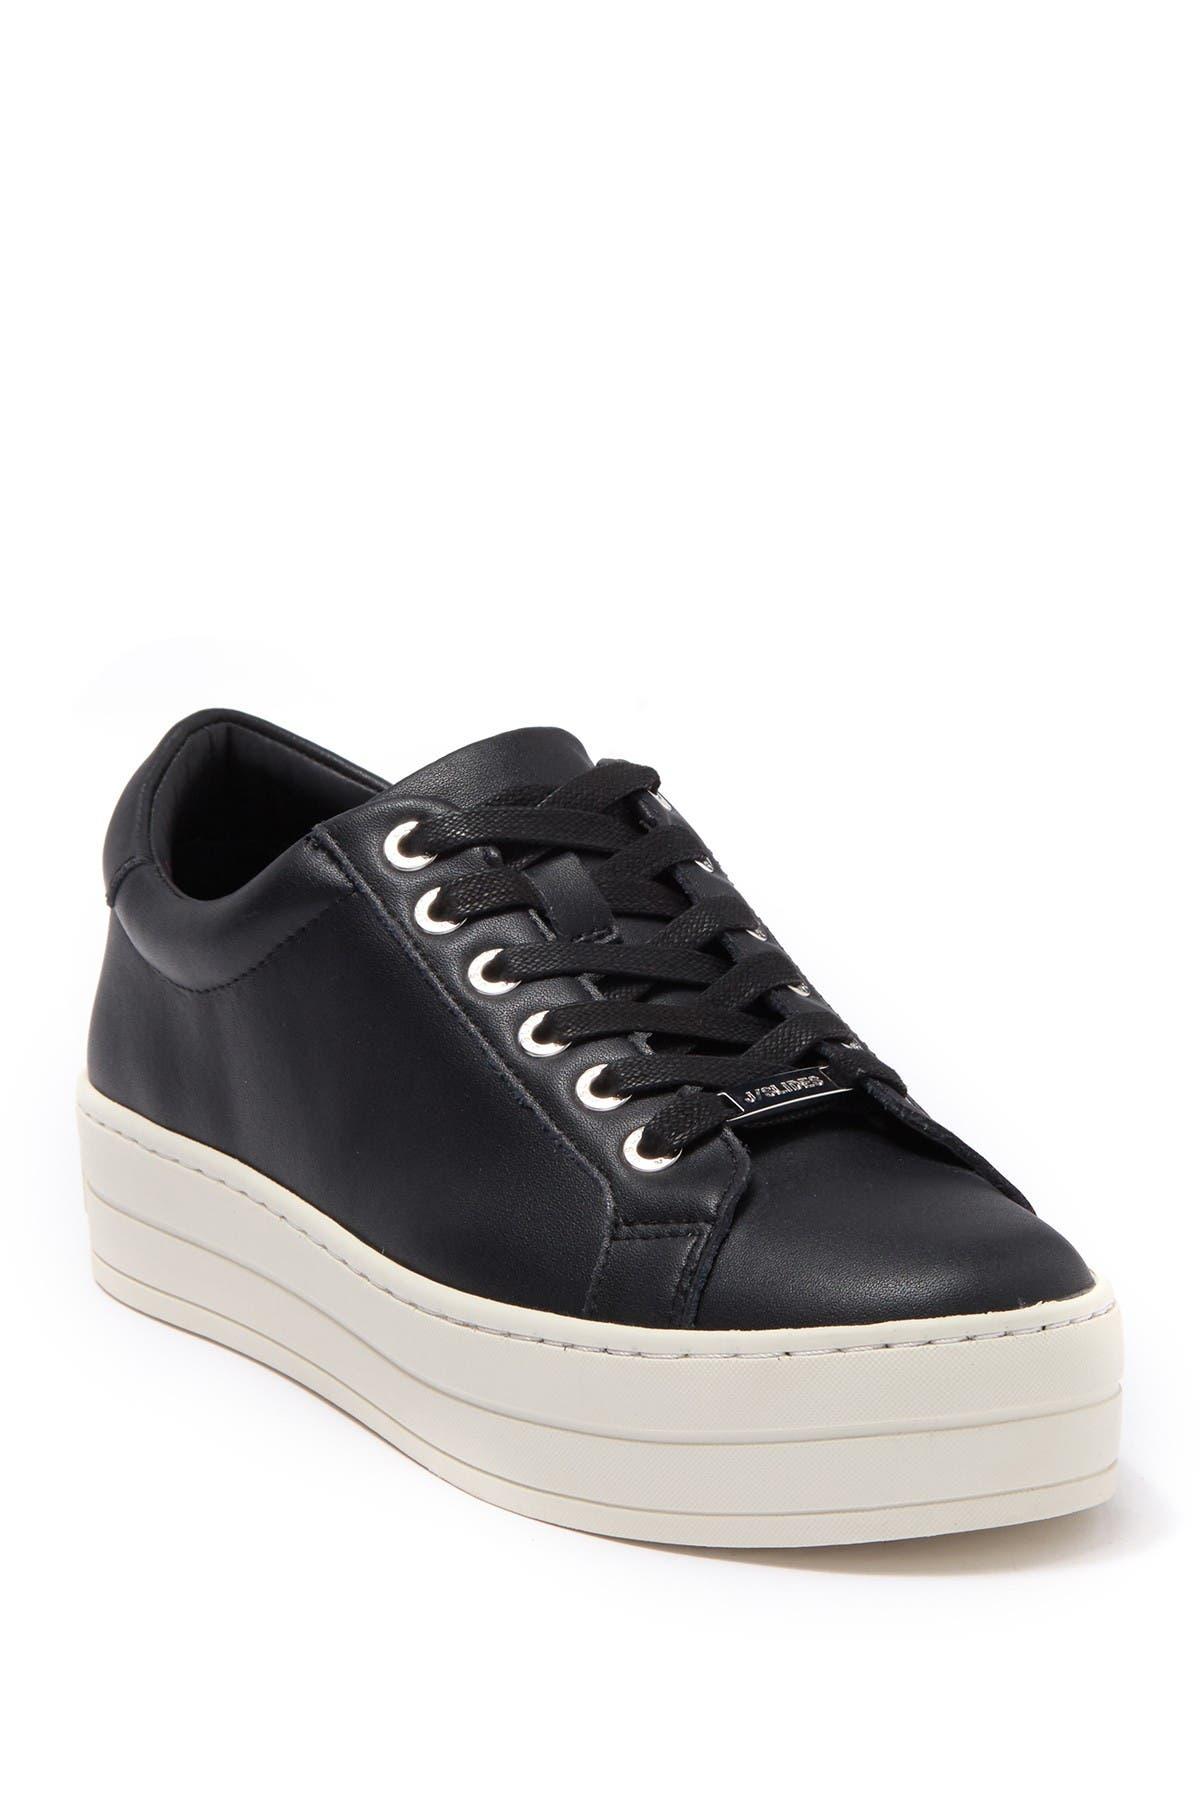 J/Slides | Hilton Platform Sneaker